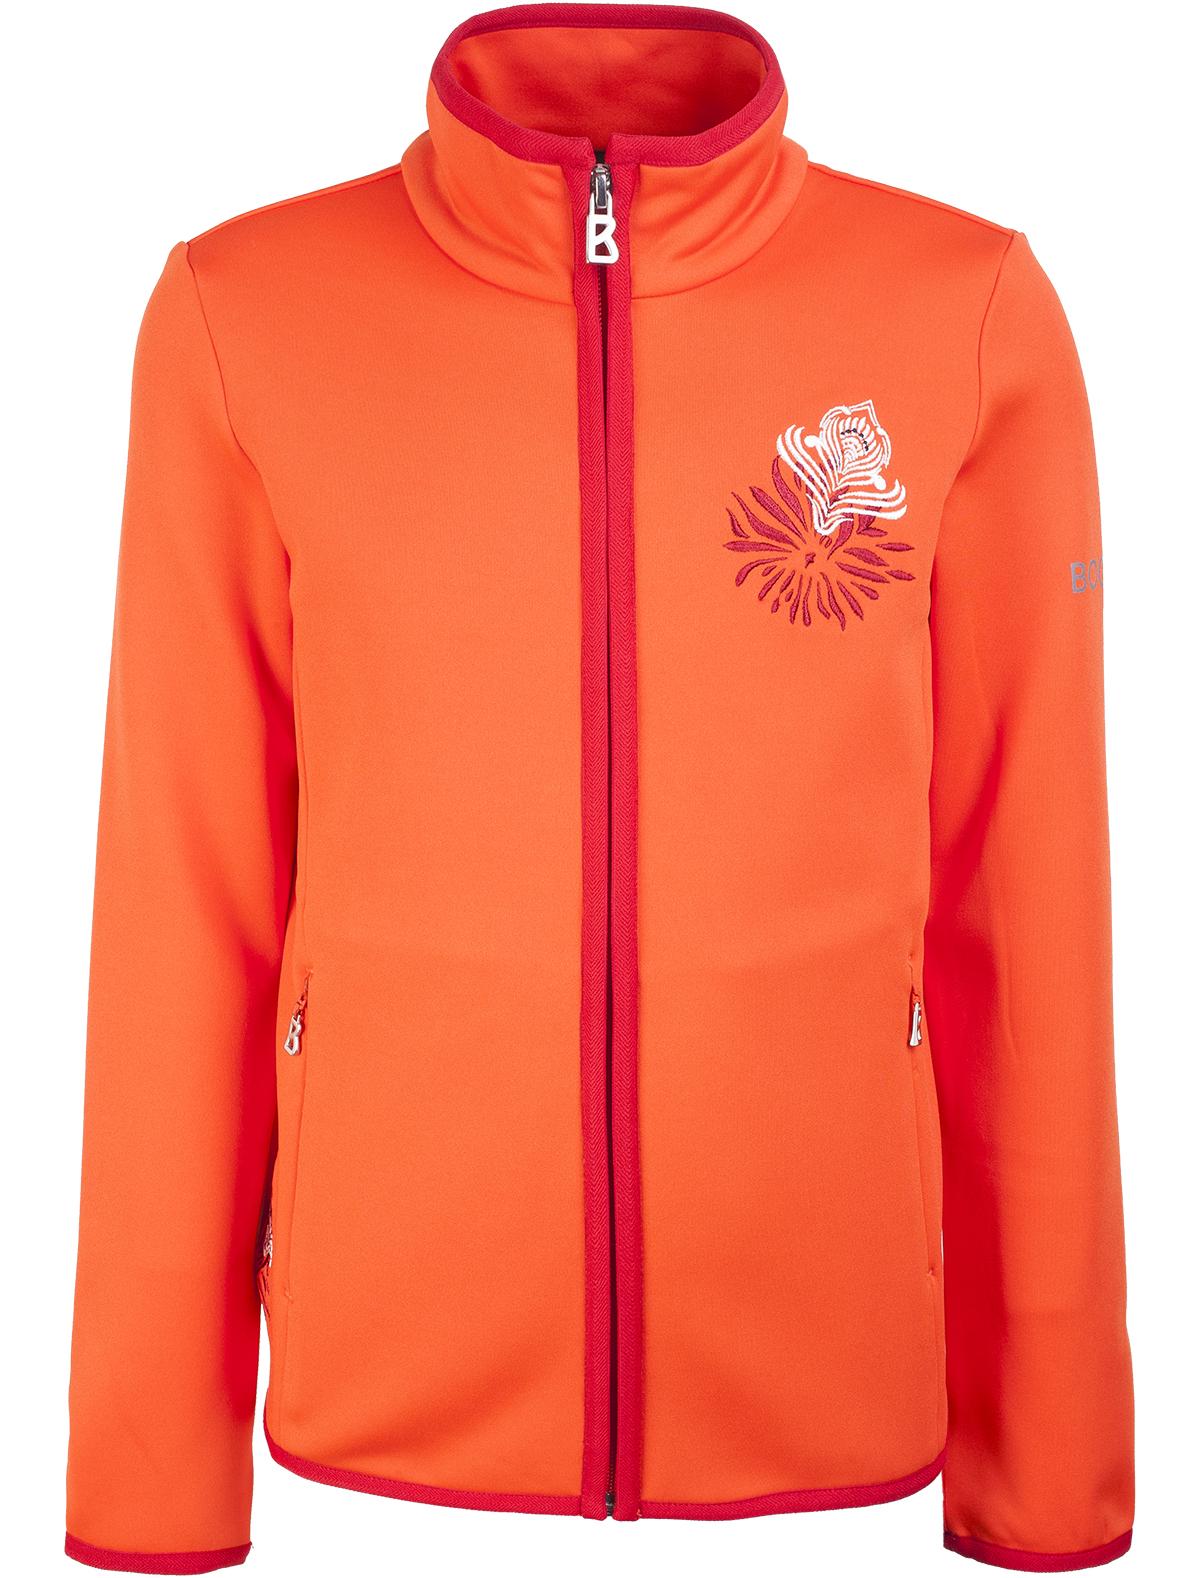 Купить 1857898, Толстовка Bogner, оранжевый, Женский, 0072409680015